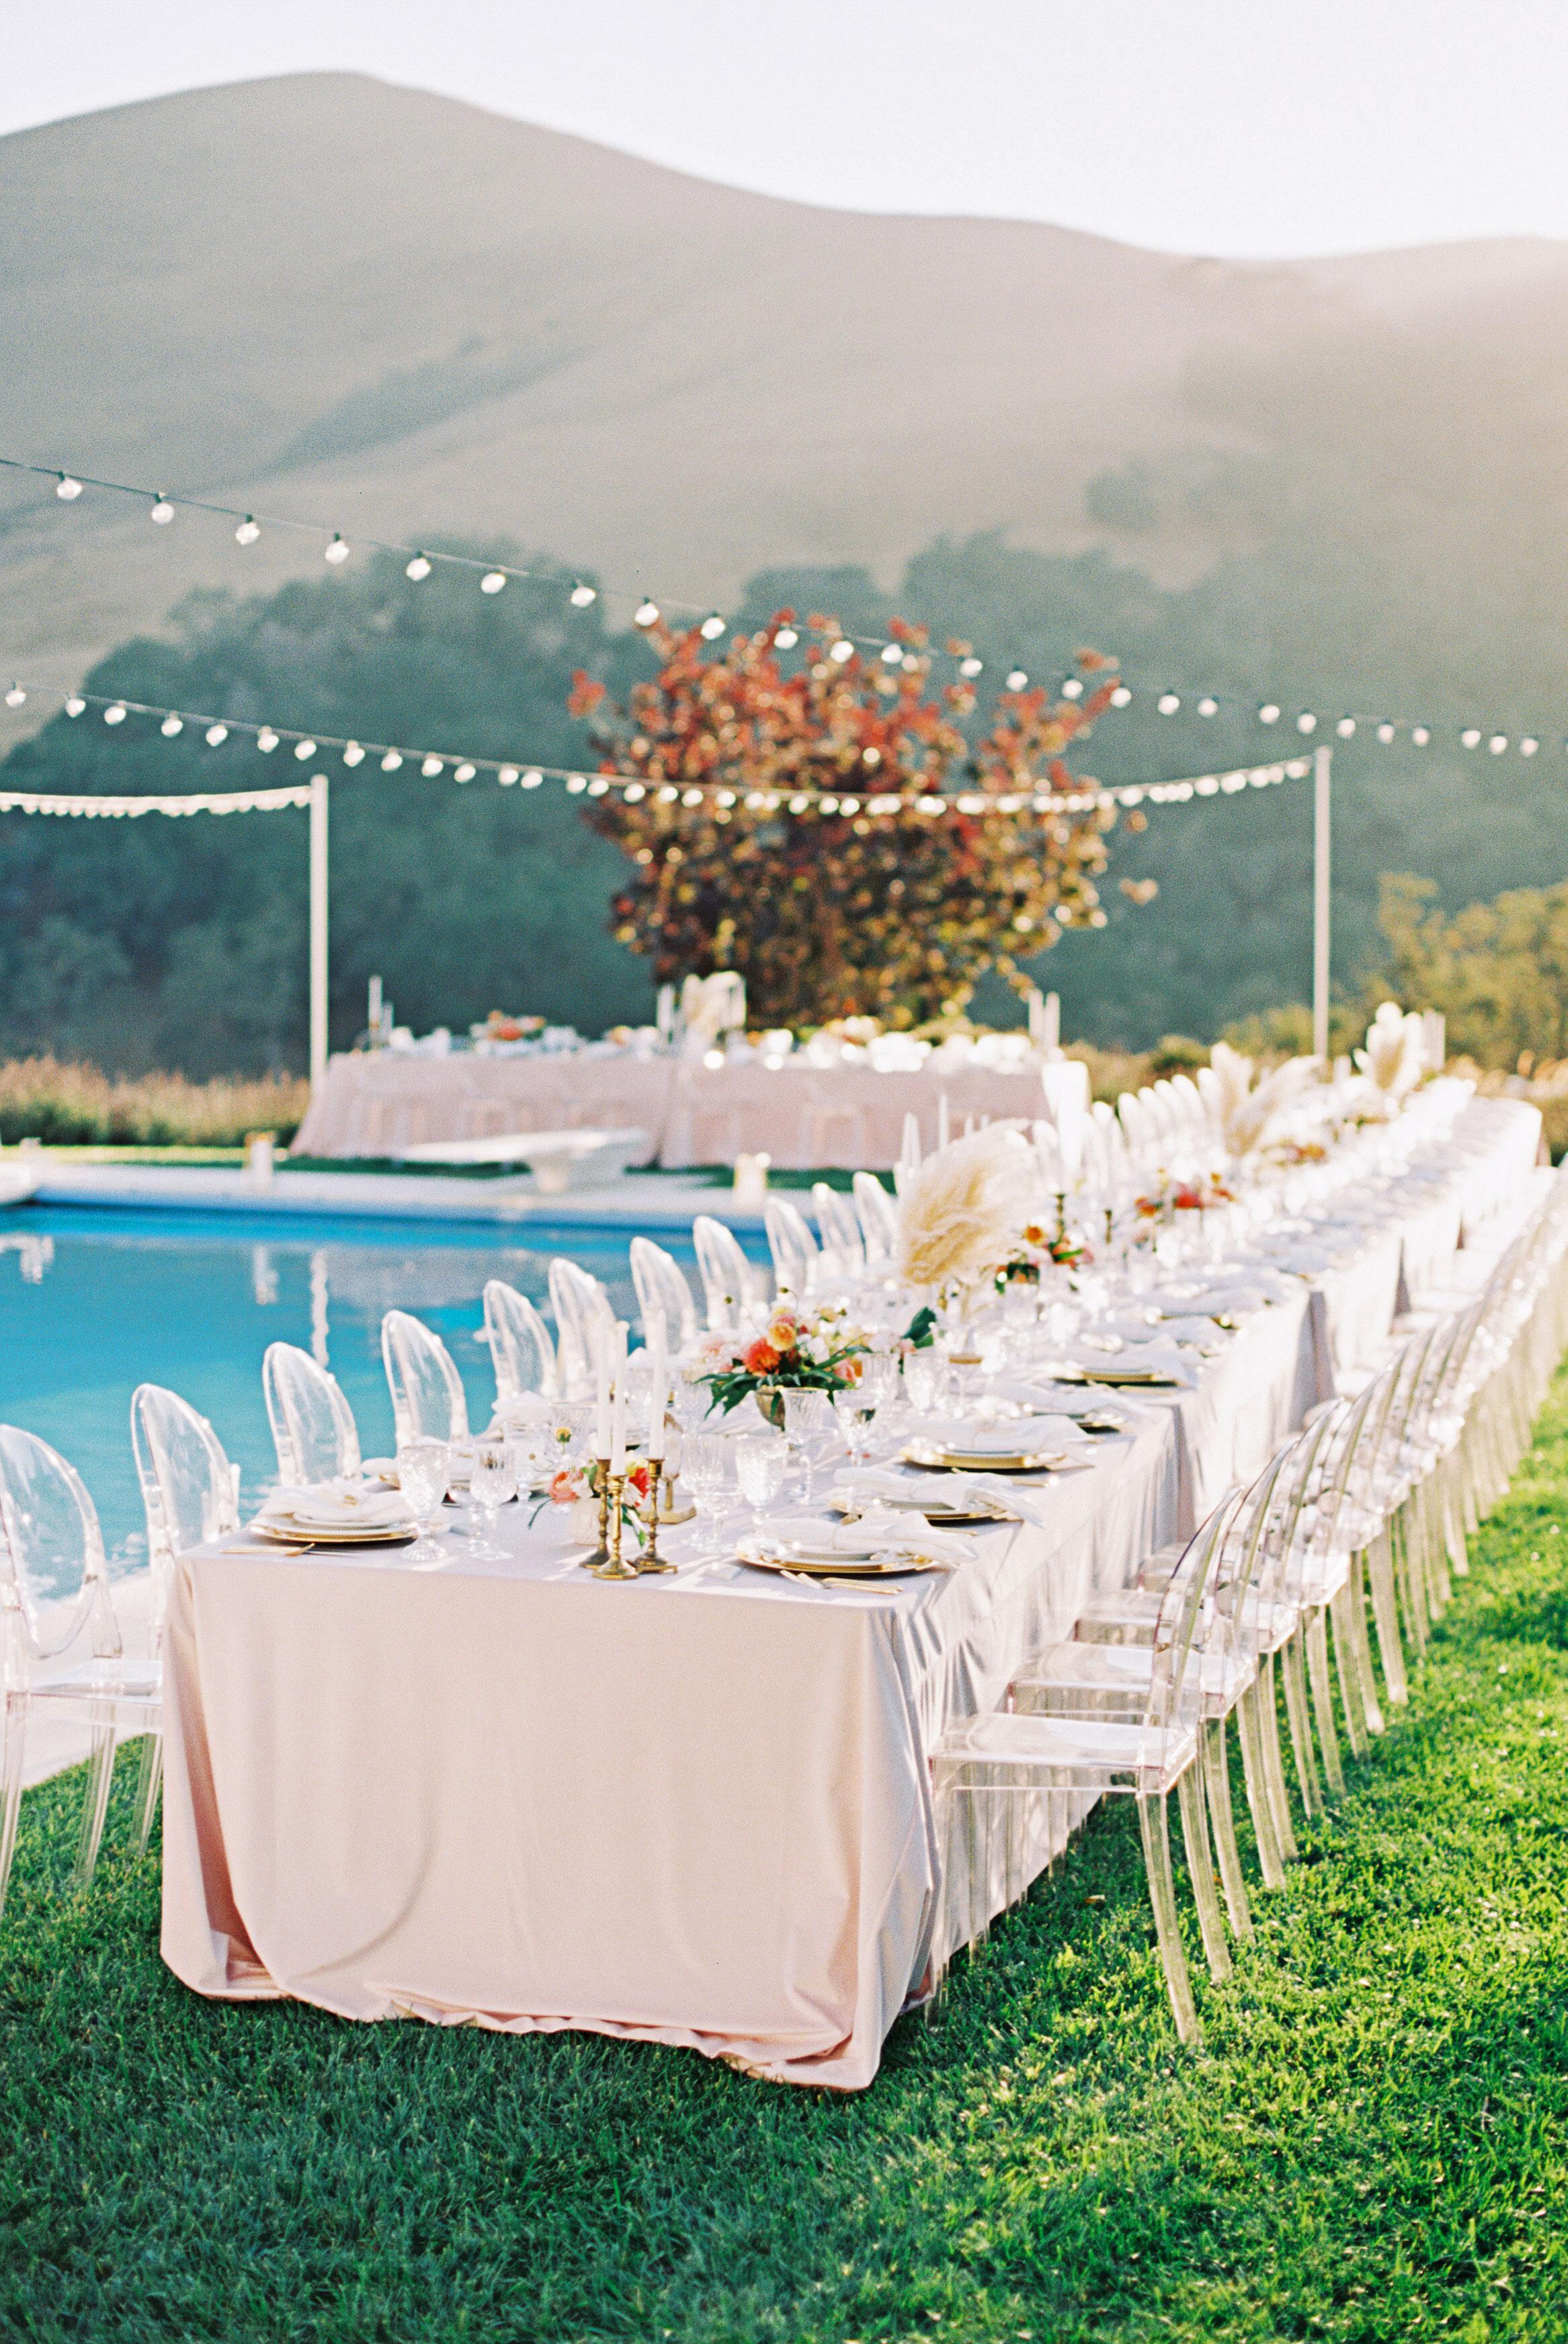 stephanie jared wedding poolside table setting